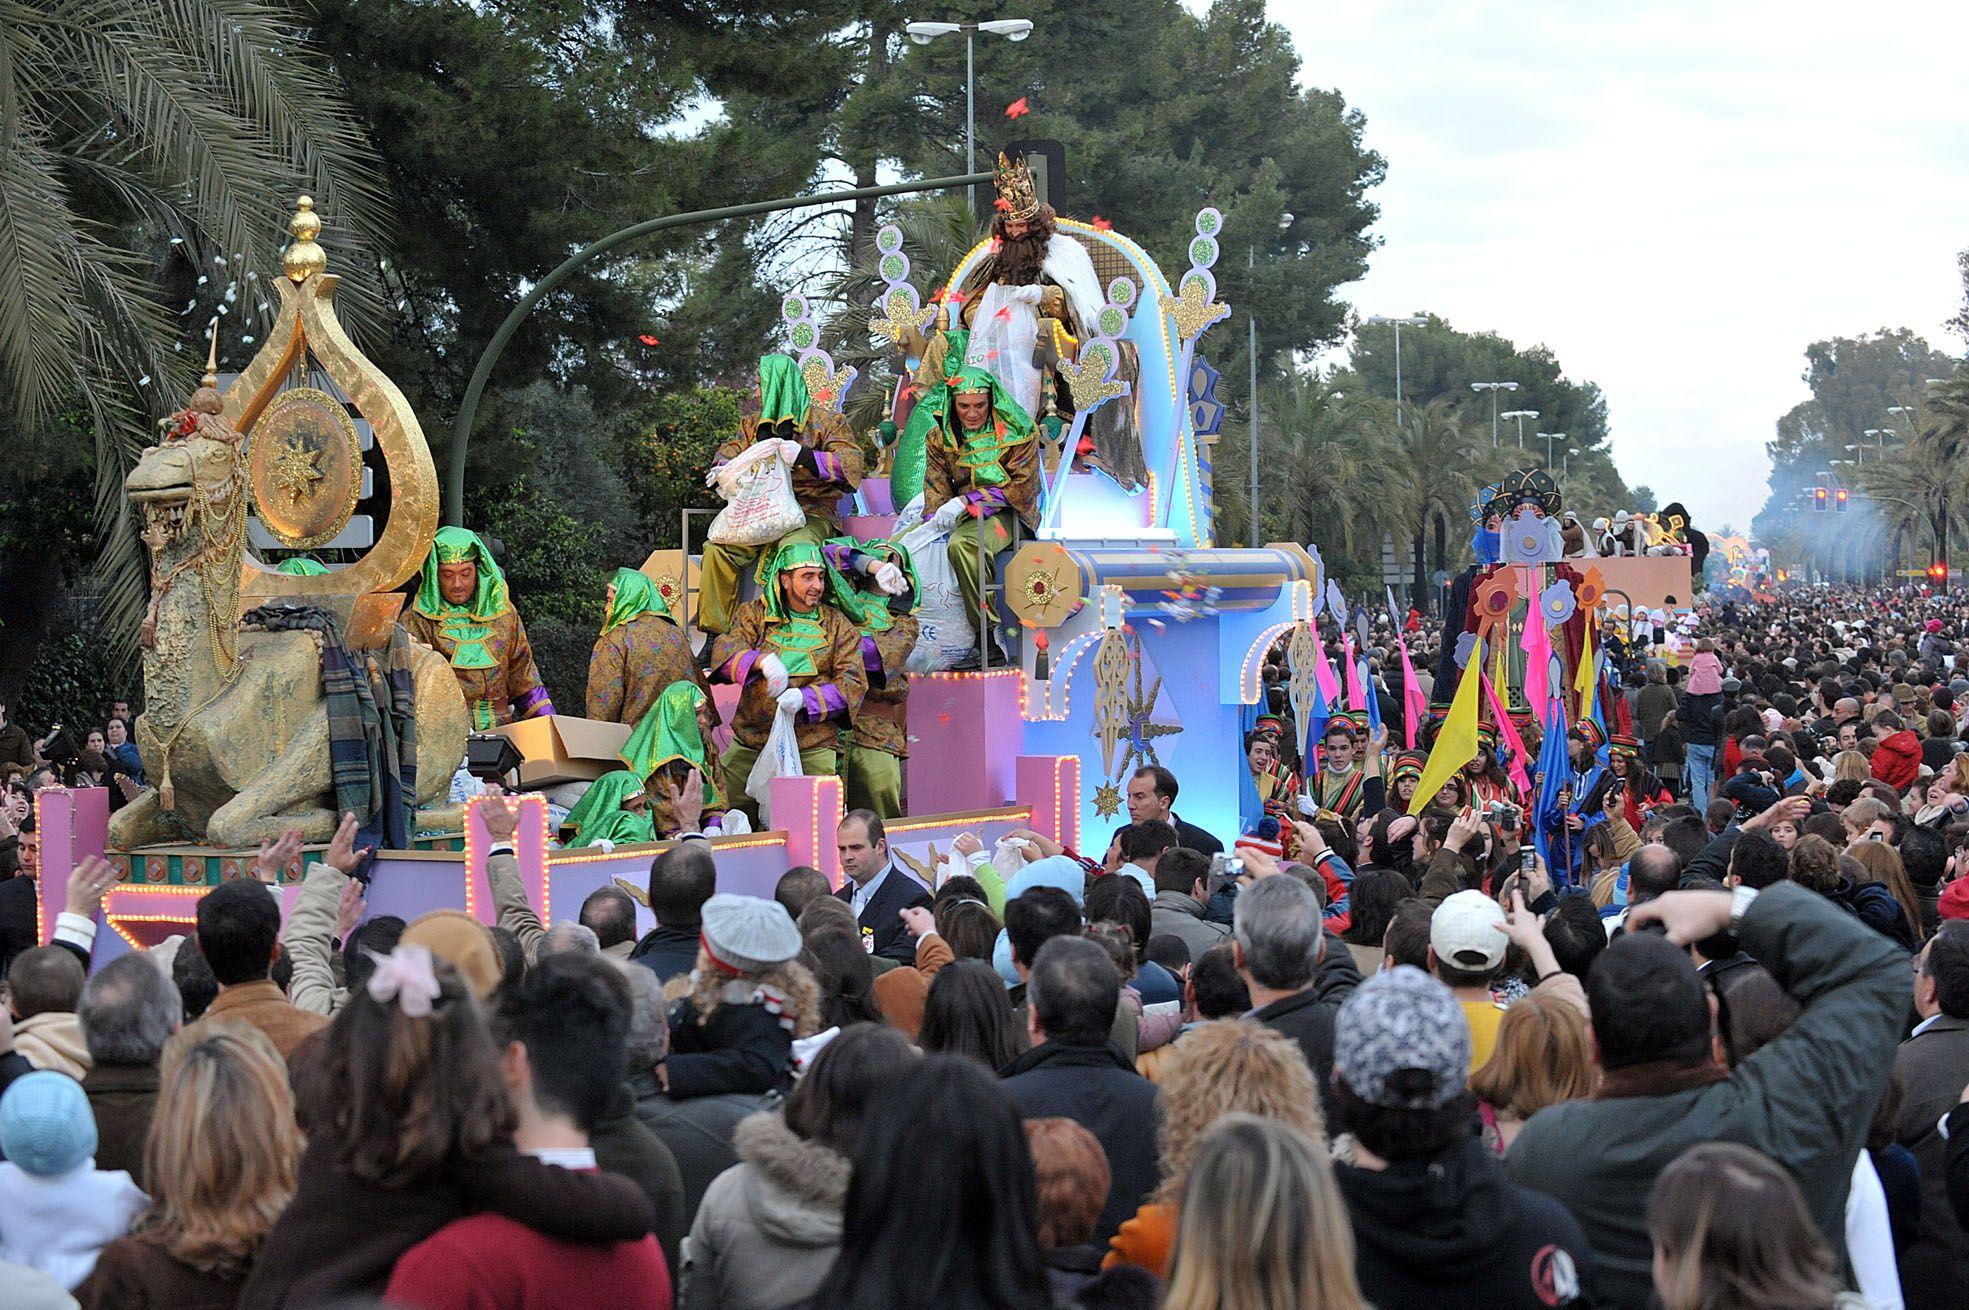 I,magen de la cabalgata de Reyes. Foto Cristóbal.